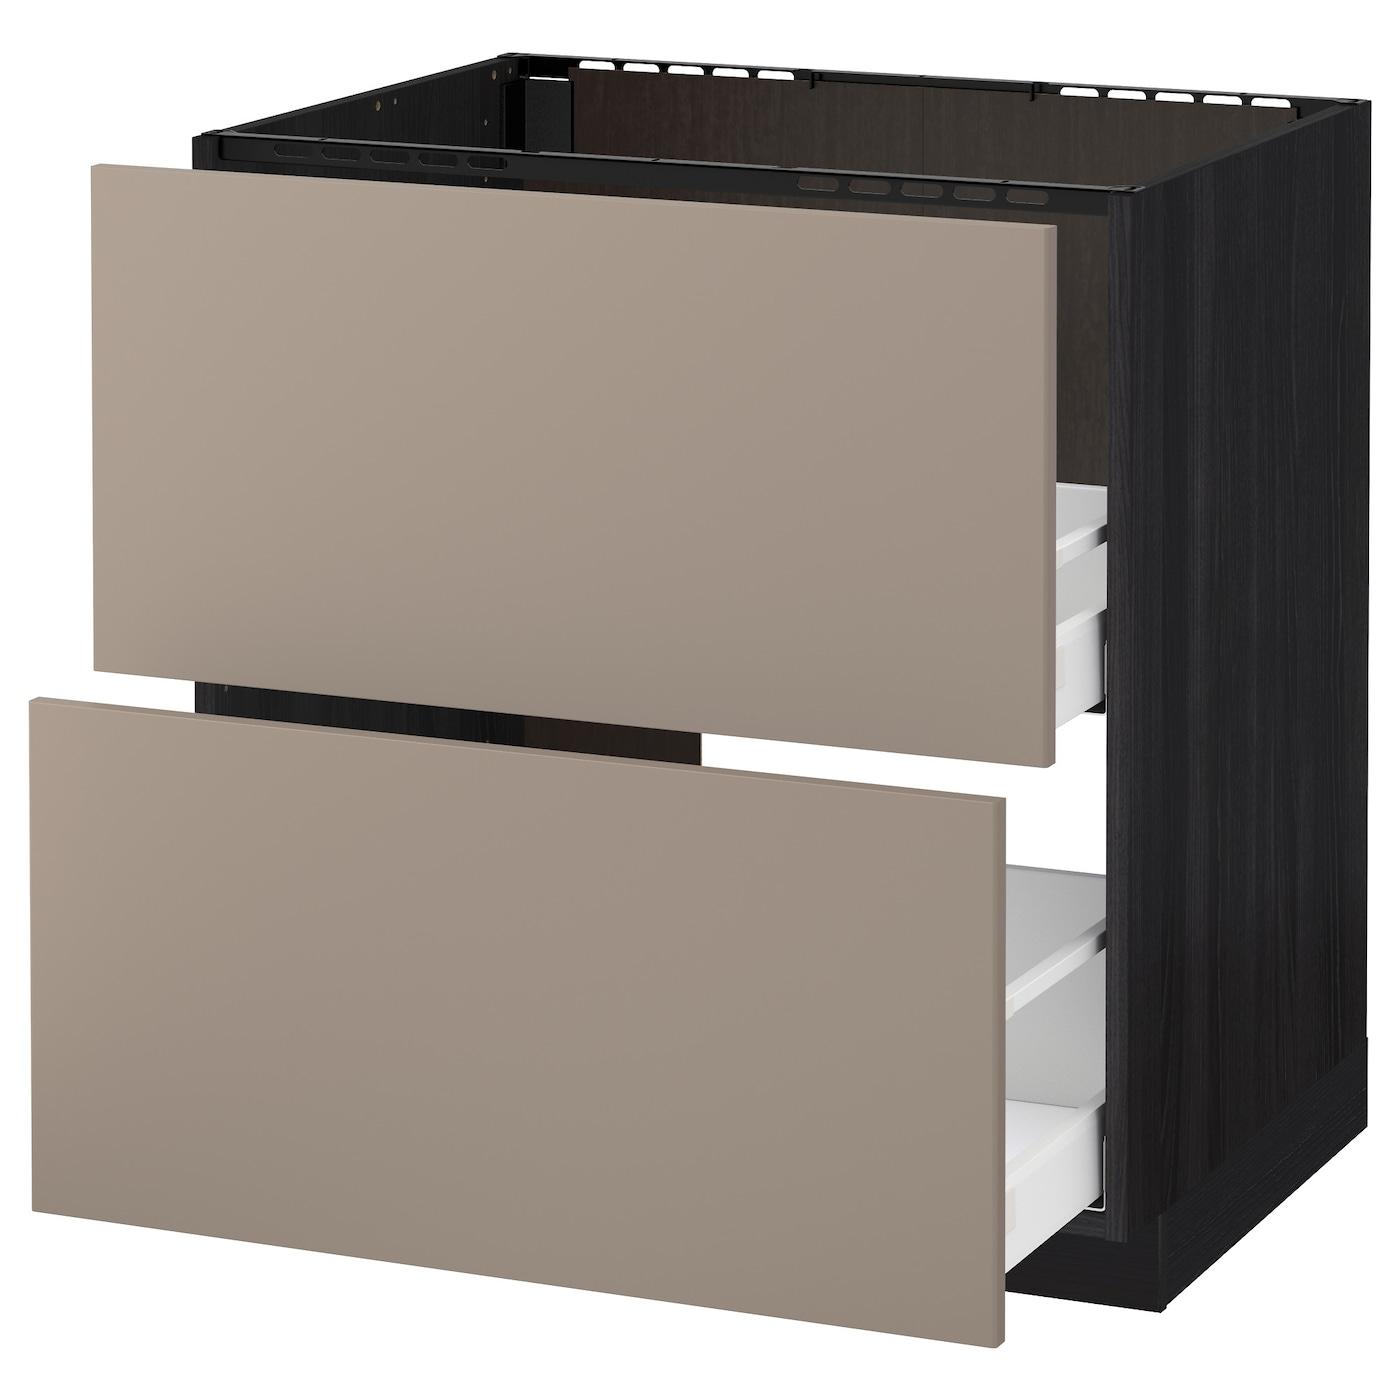 Ikea Spülen metod unterschr f spüle 2 türen front weiß veddinge weiß ikea